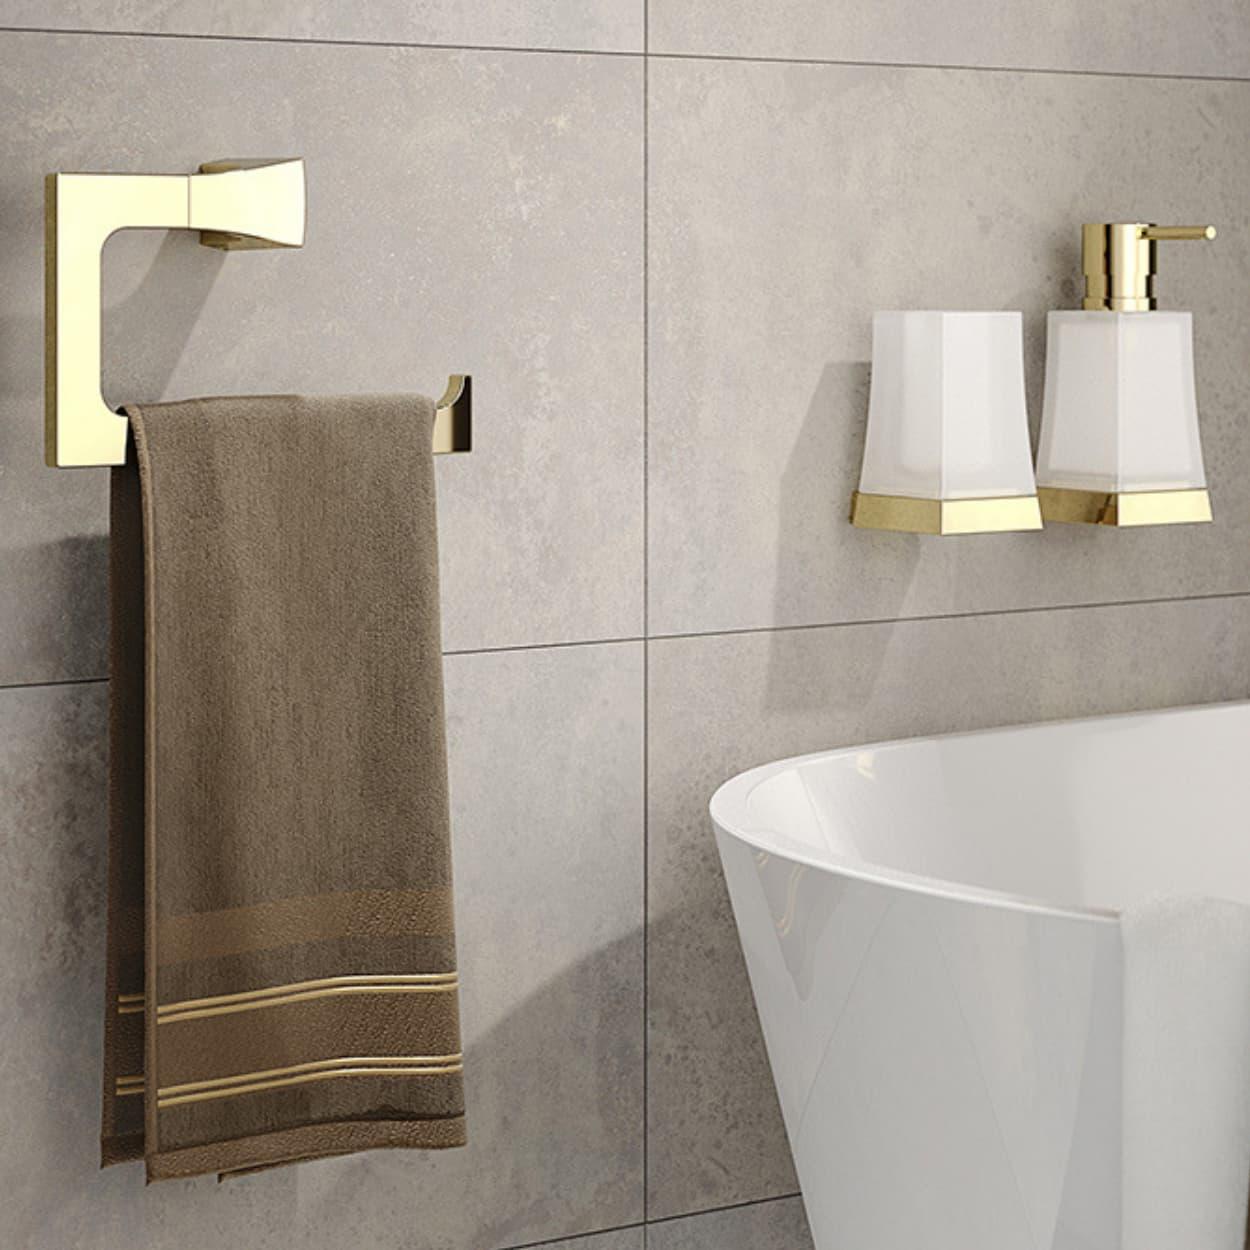 accesorios baño murcia